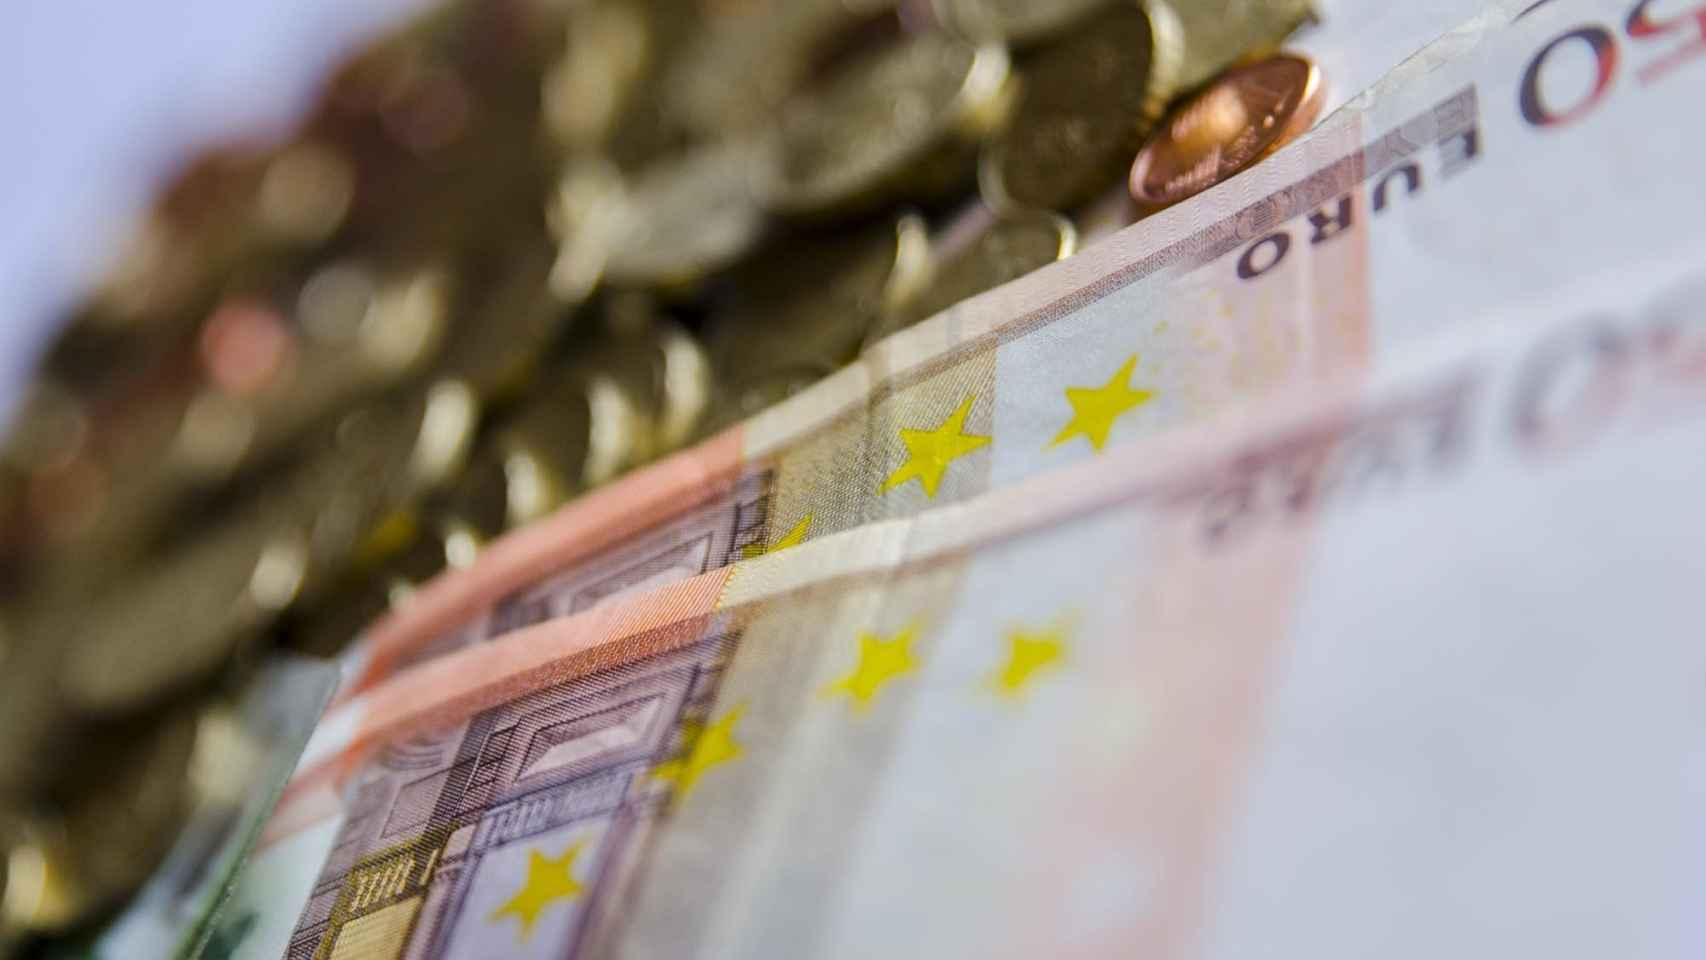 Casi el 90% de los españoles cree que hay bastante o mucho fraude fiscal